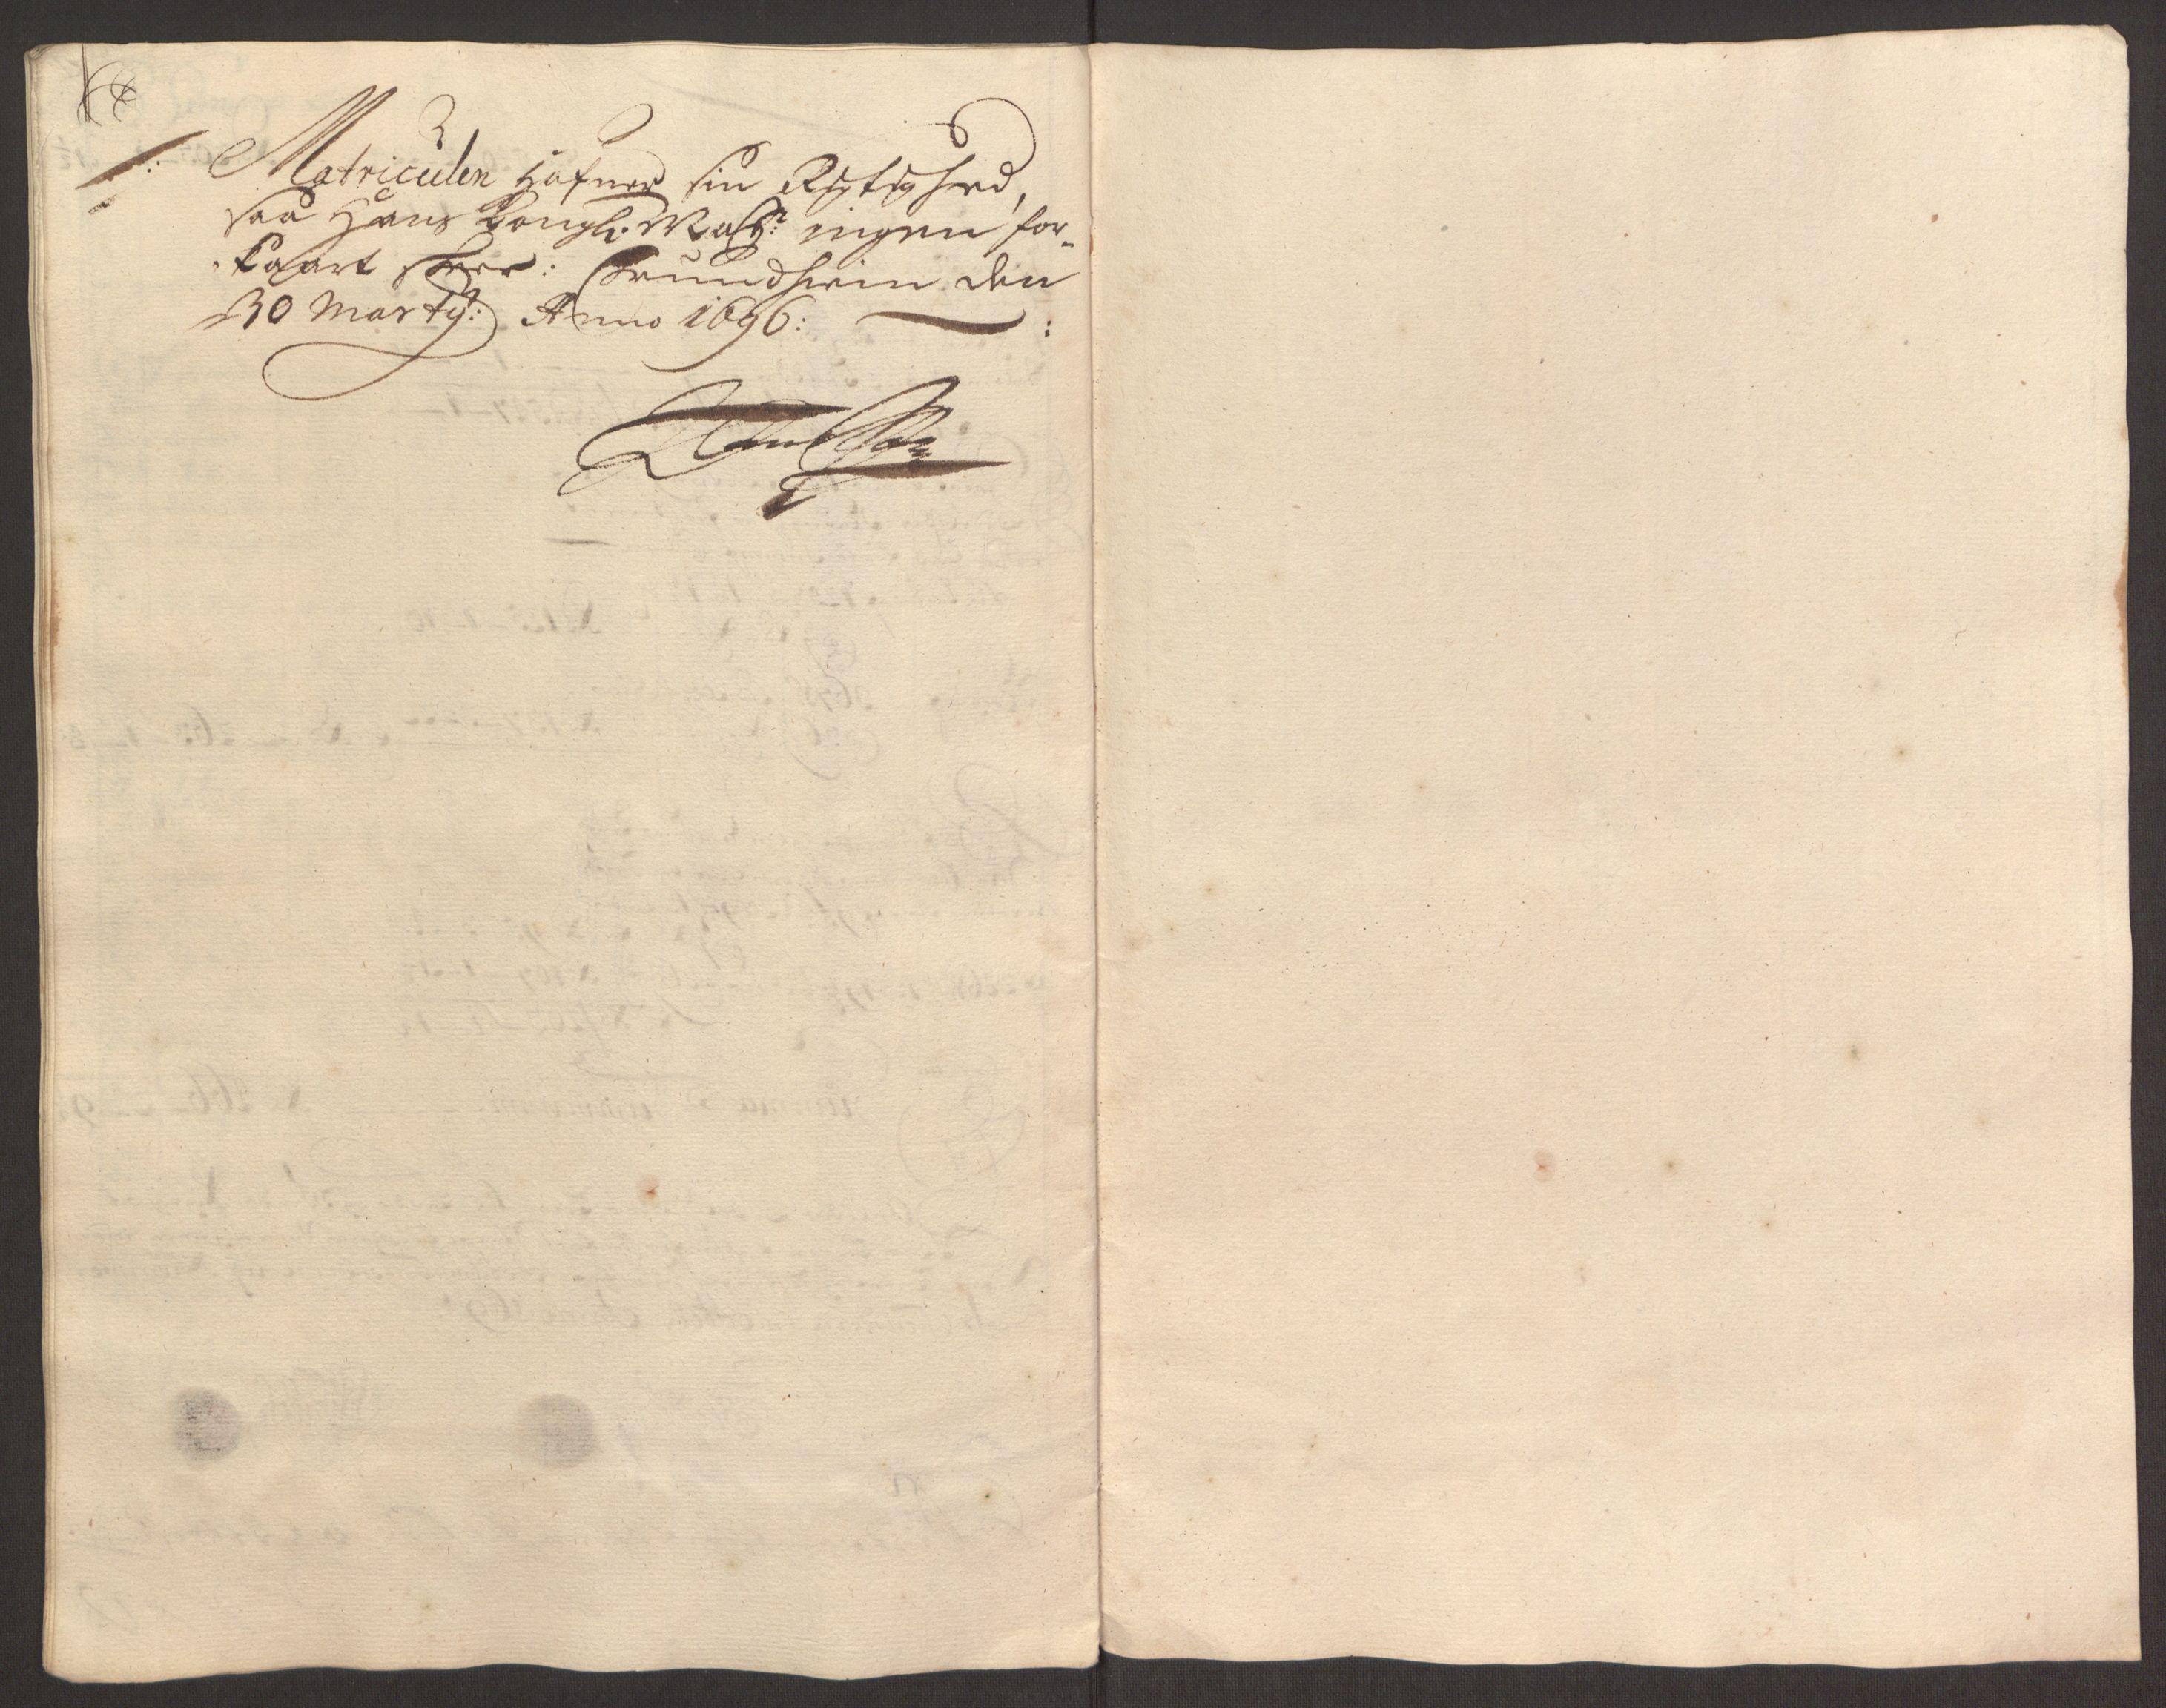 RA, Rentekammeret inntil 1814, Reviderte regnskaper, Fogderegnskap, R64/L4424: Fogderegnskap Namdal, 1692-1695, s. 477